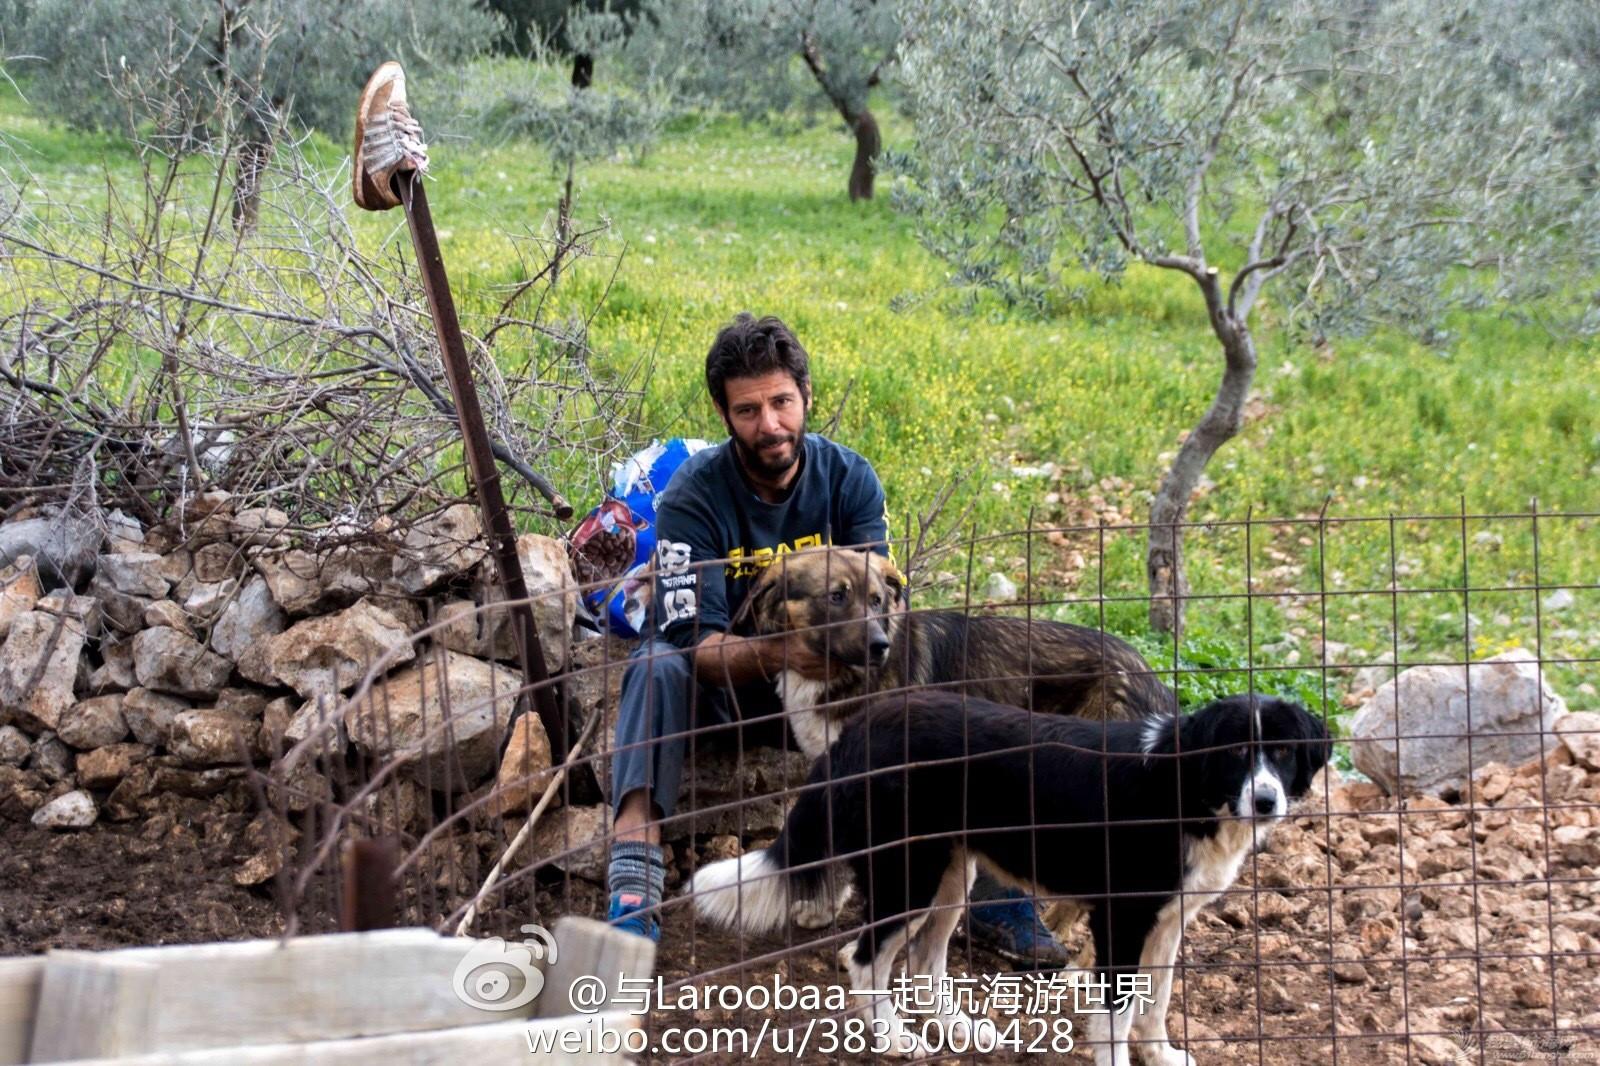 希腊,牧羊犬,宠物狗,牧羊人,石灰岩 参观希腊著名的迪迪玛教堂岩洞遭遇牧羊犬 e495766cjw1eq74sjlrznj218g0tmtsa.jpg